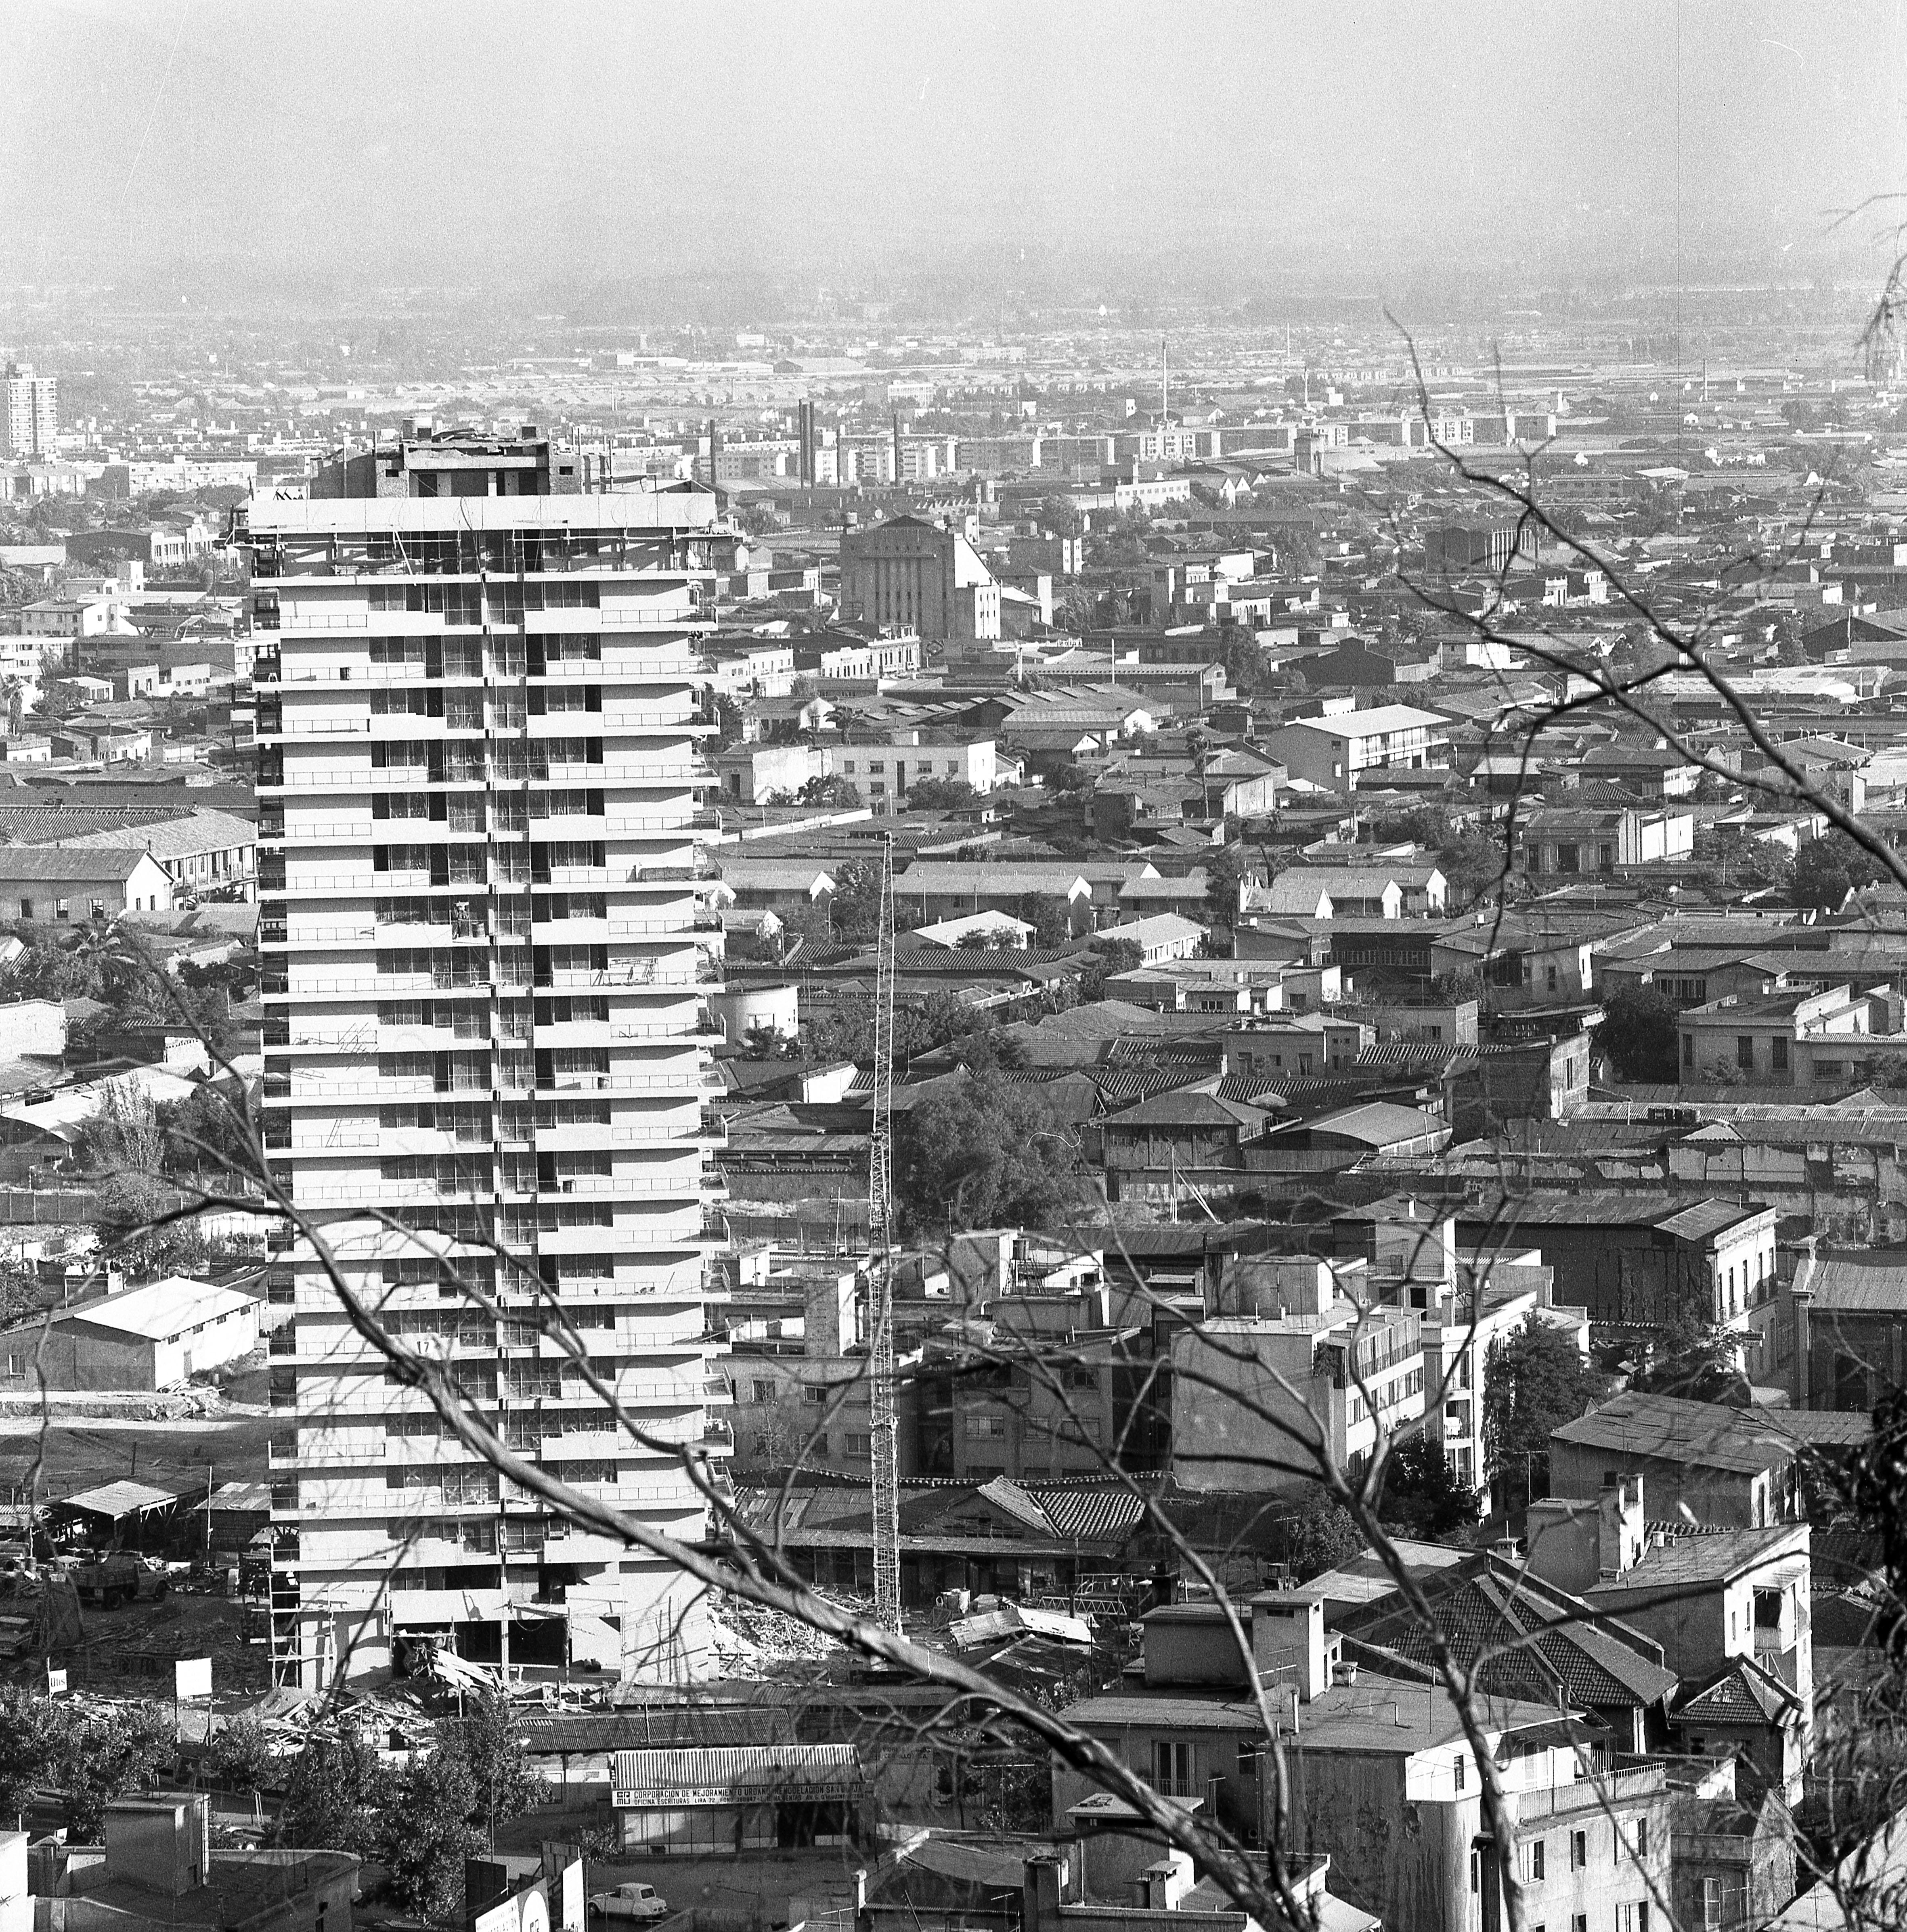 Enterreno - Fotos históricas de chile - fotos antiguas de Chile - Edificio Cormu-Santiago en 1968